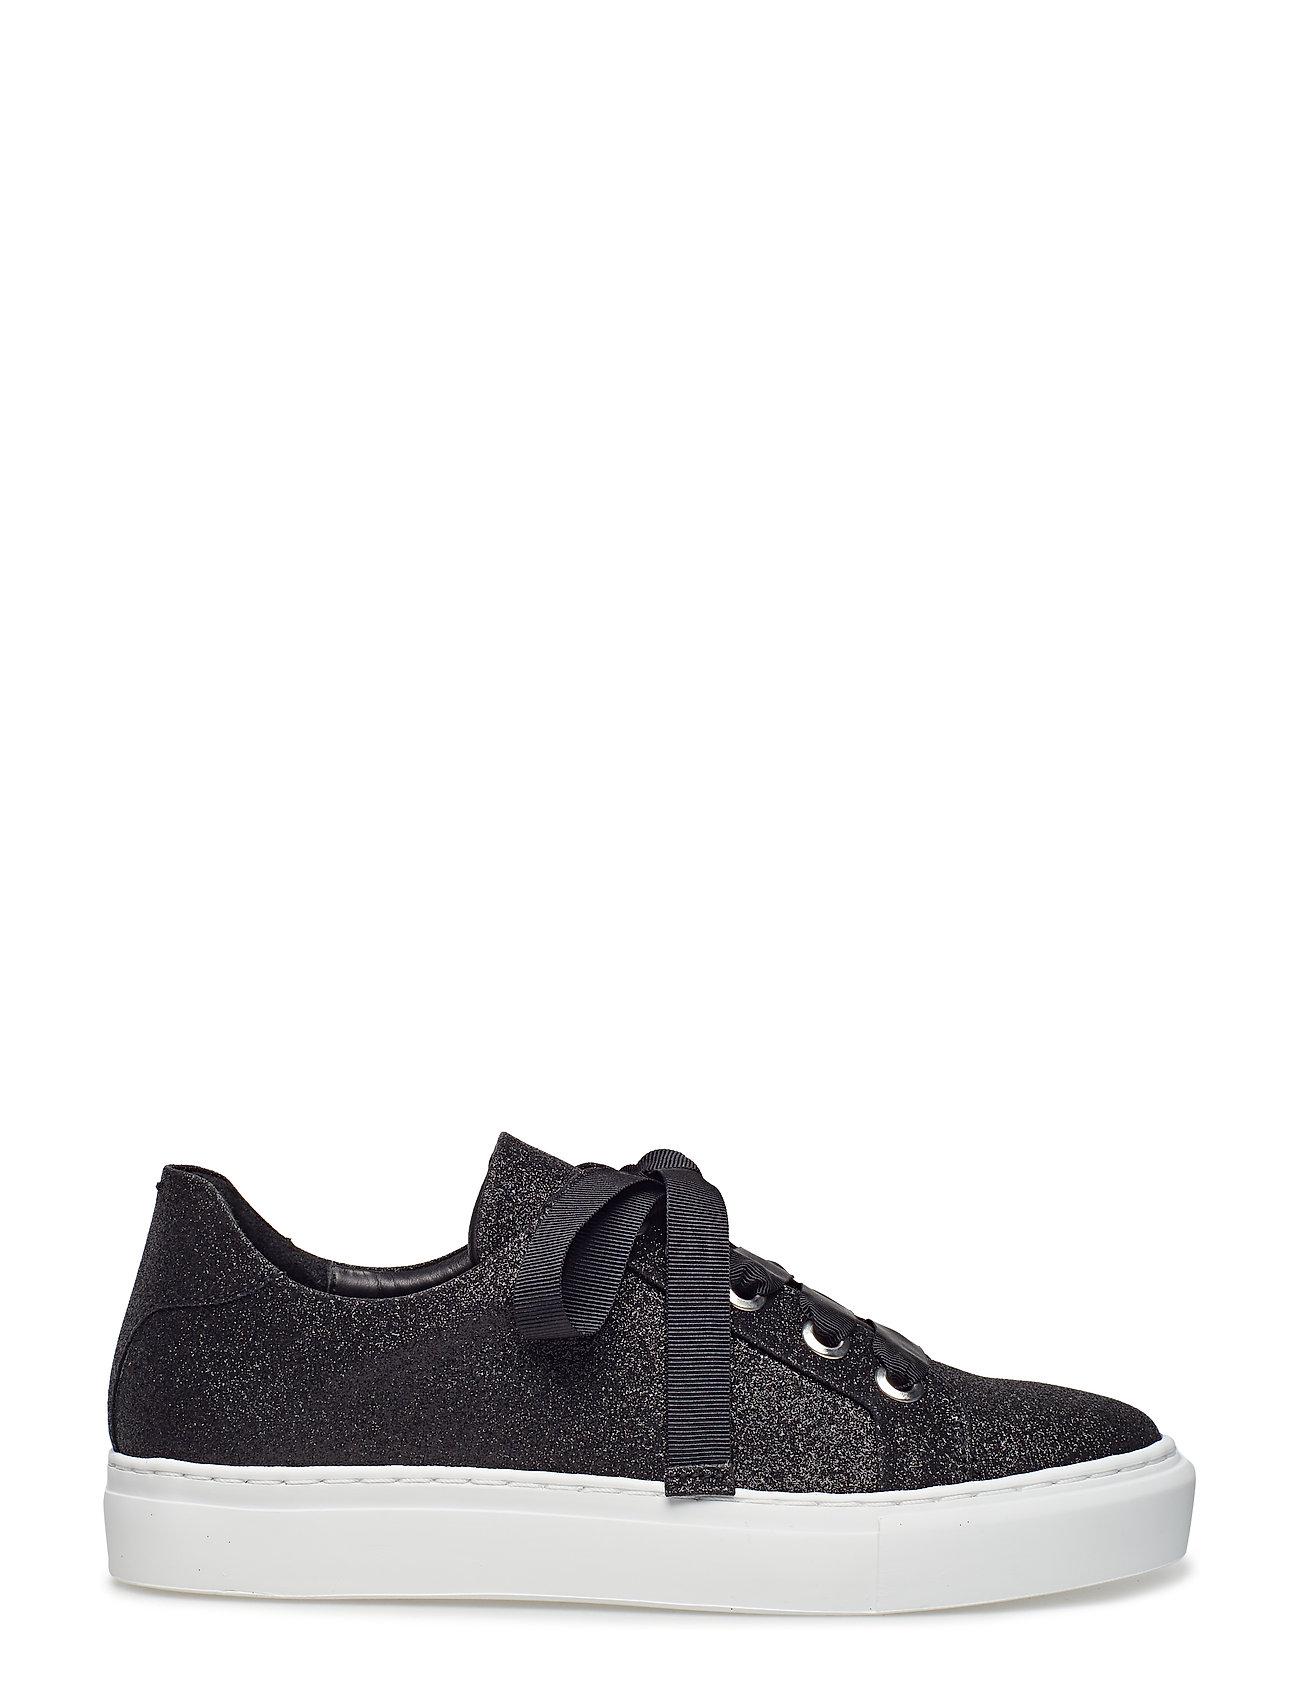 1964ec01bcd Shoes Low-top Sneakers Sort BILLI BI